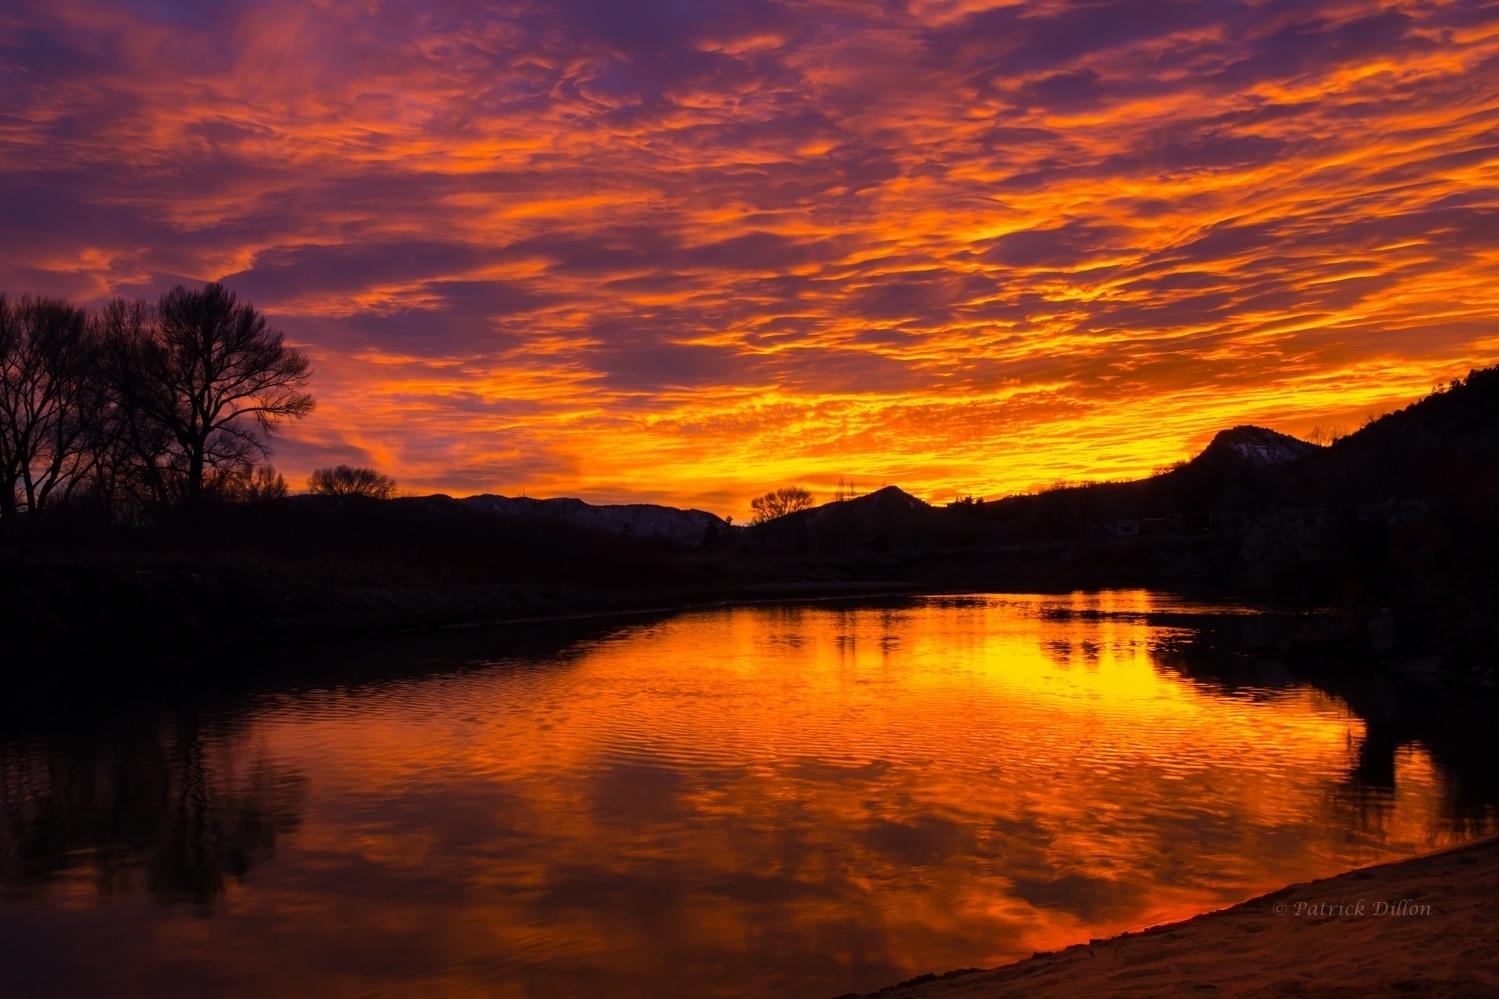 sunset-animas-river-durango-co-6861